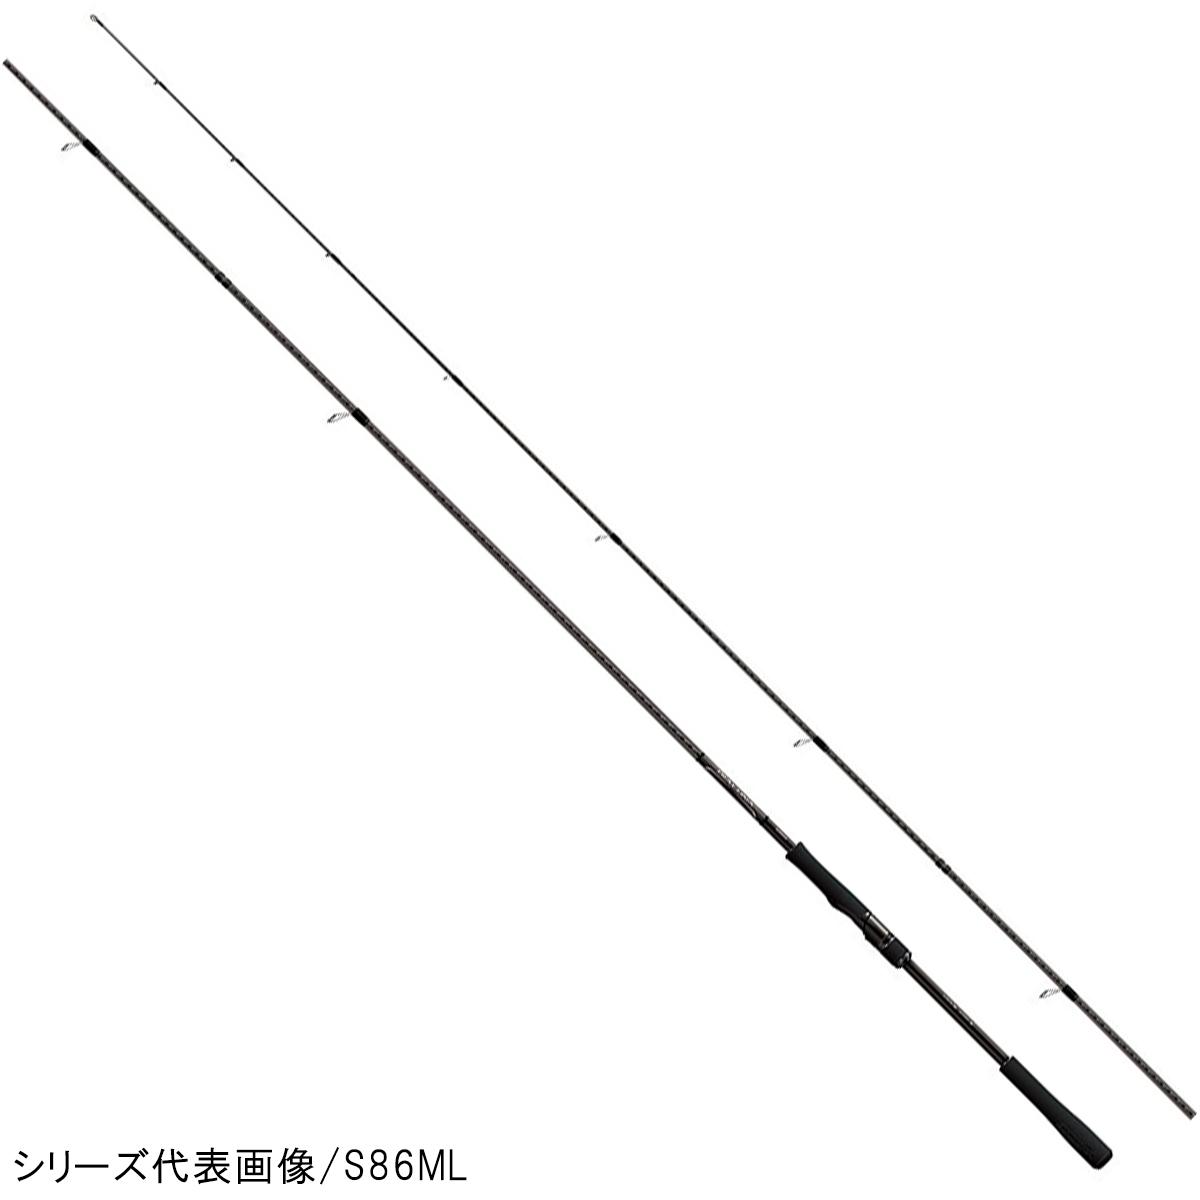 シマノ ディアルーナ (スピニング) S110M【大型商品】【送料無料】